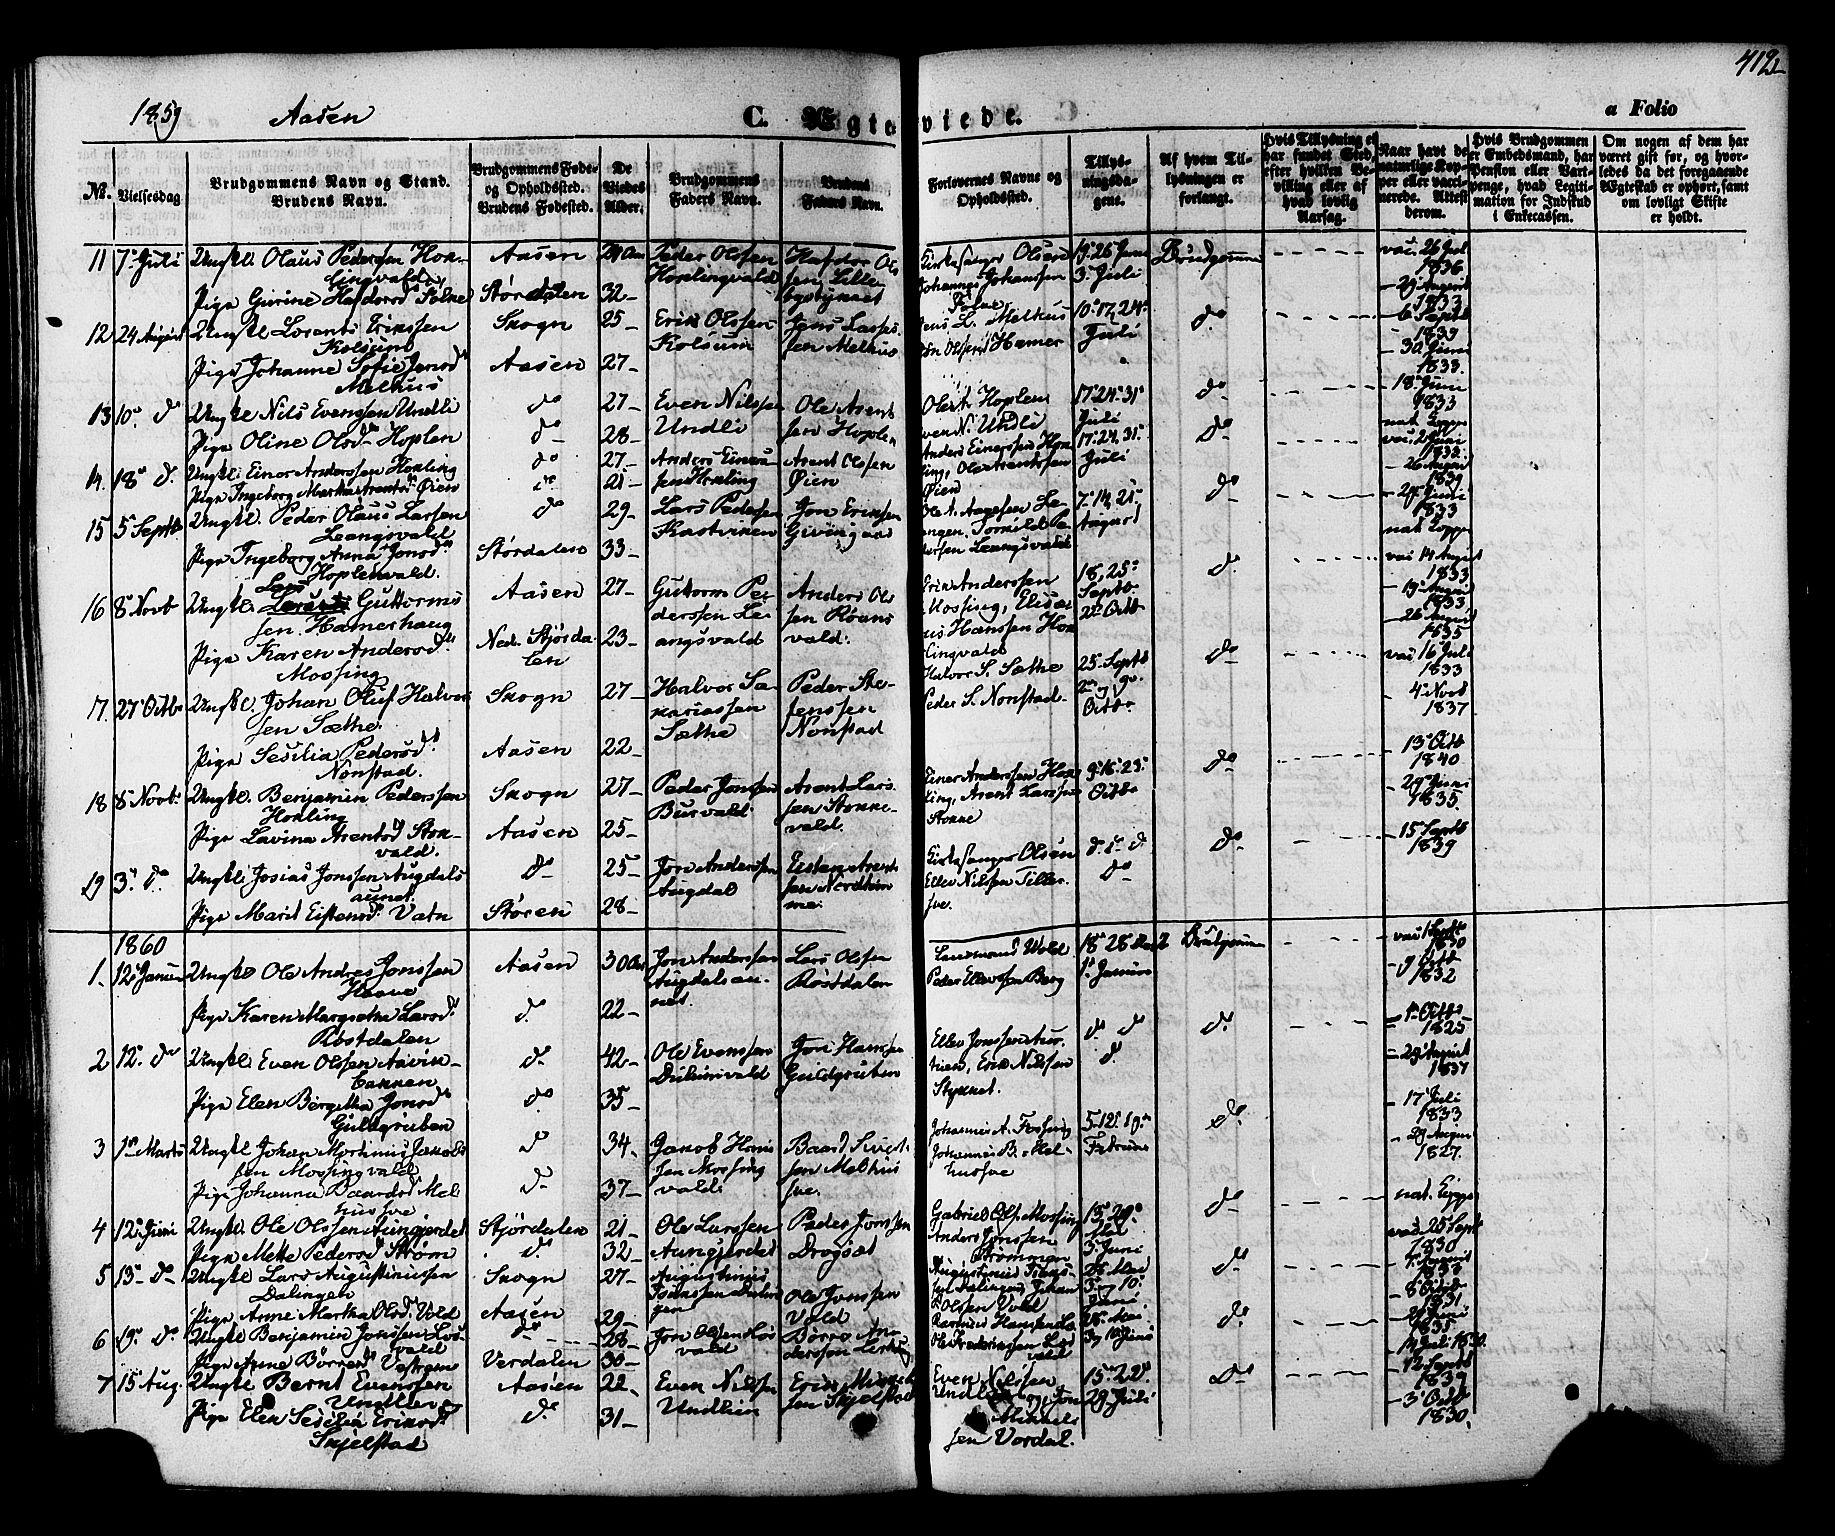 SAT, Ministerialprotokoller, klokkerbøker og fødselsregistre - Nord-Trøndelag, 713/L0116: Ministerialbok nr. 713A07, 1850-1877, s. 412